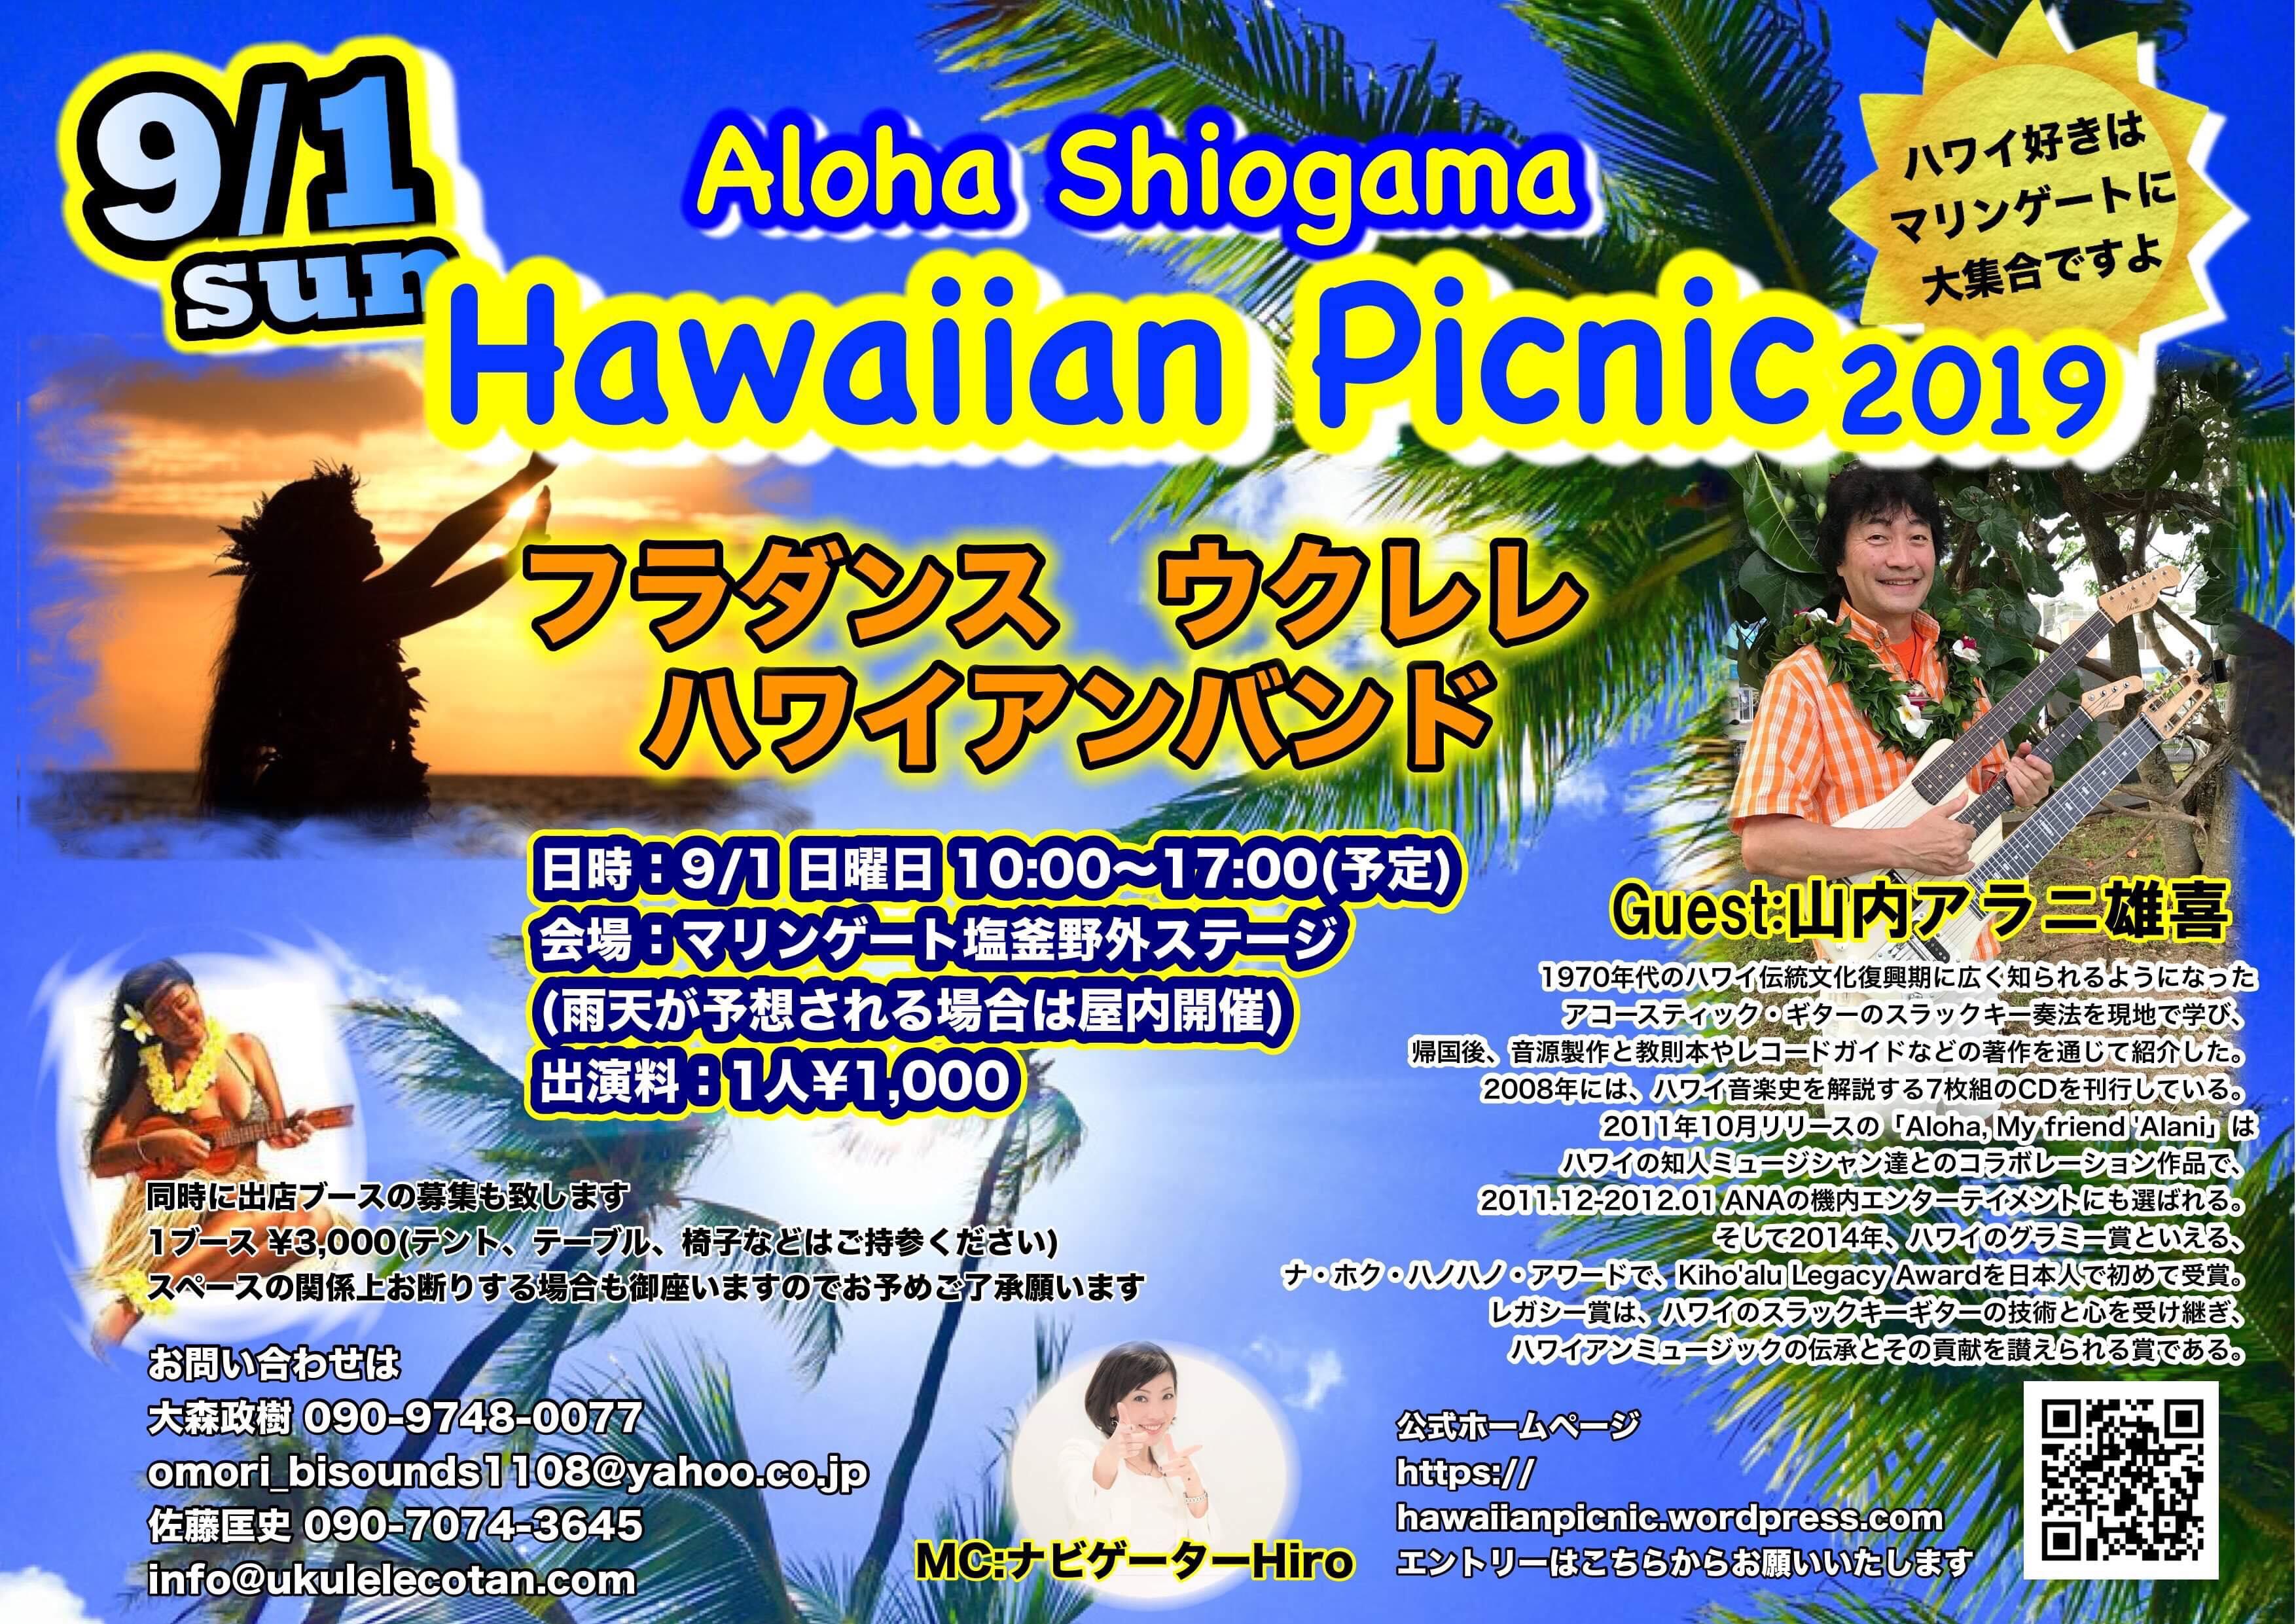 宮城 Hawaiian Picnic 2019 @ マリンゲート塩釜